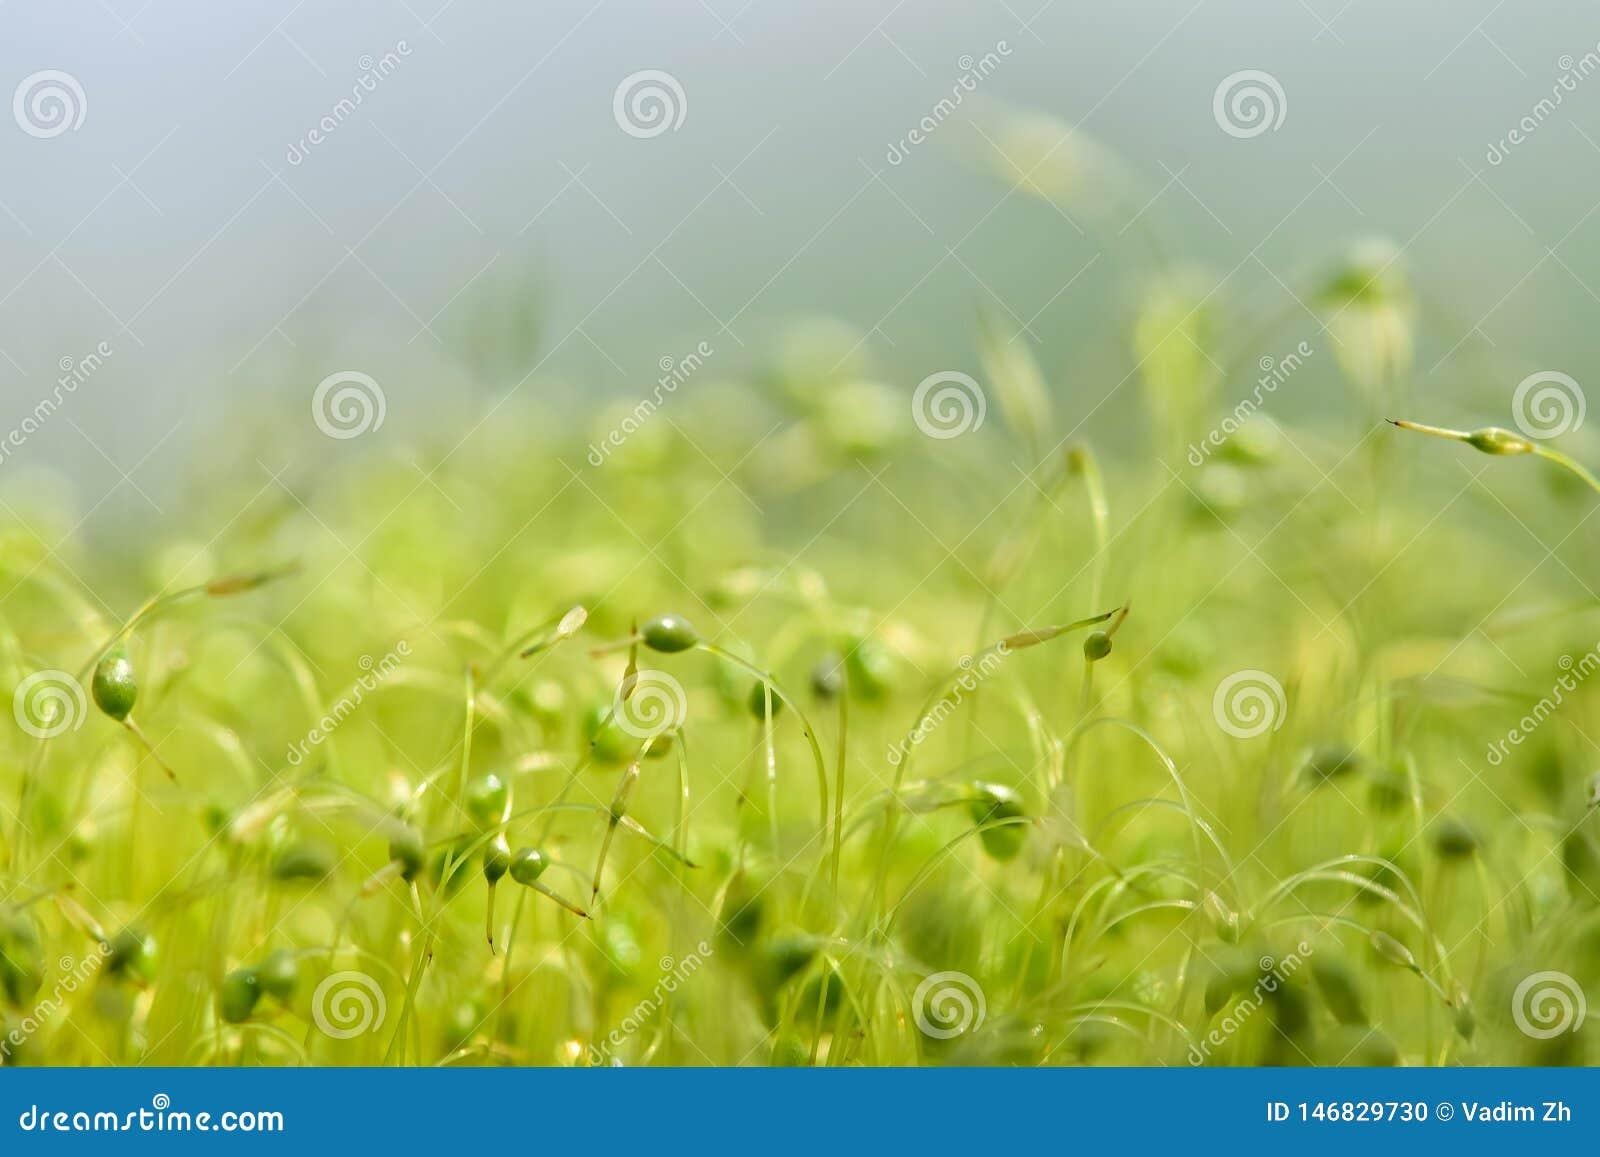 Close-up focalizado macio disparado de sementes verdes do musgo com bokeh, luz de brilho borrada